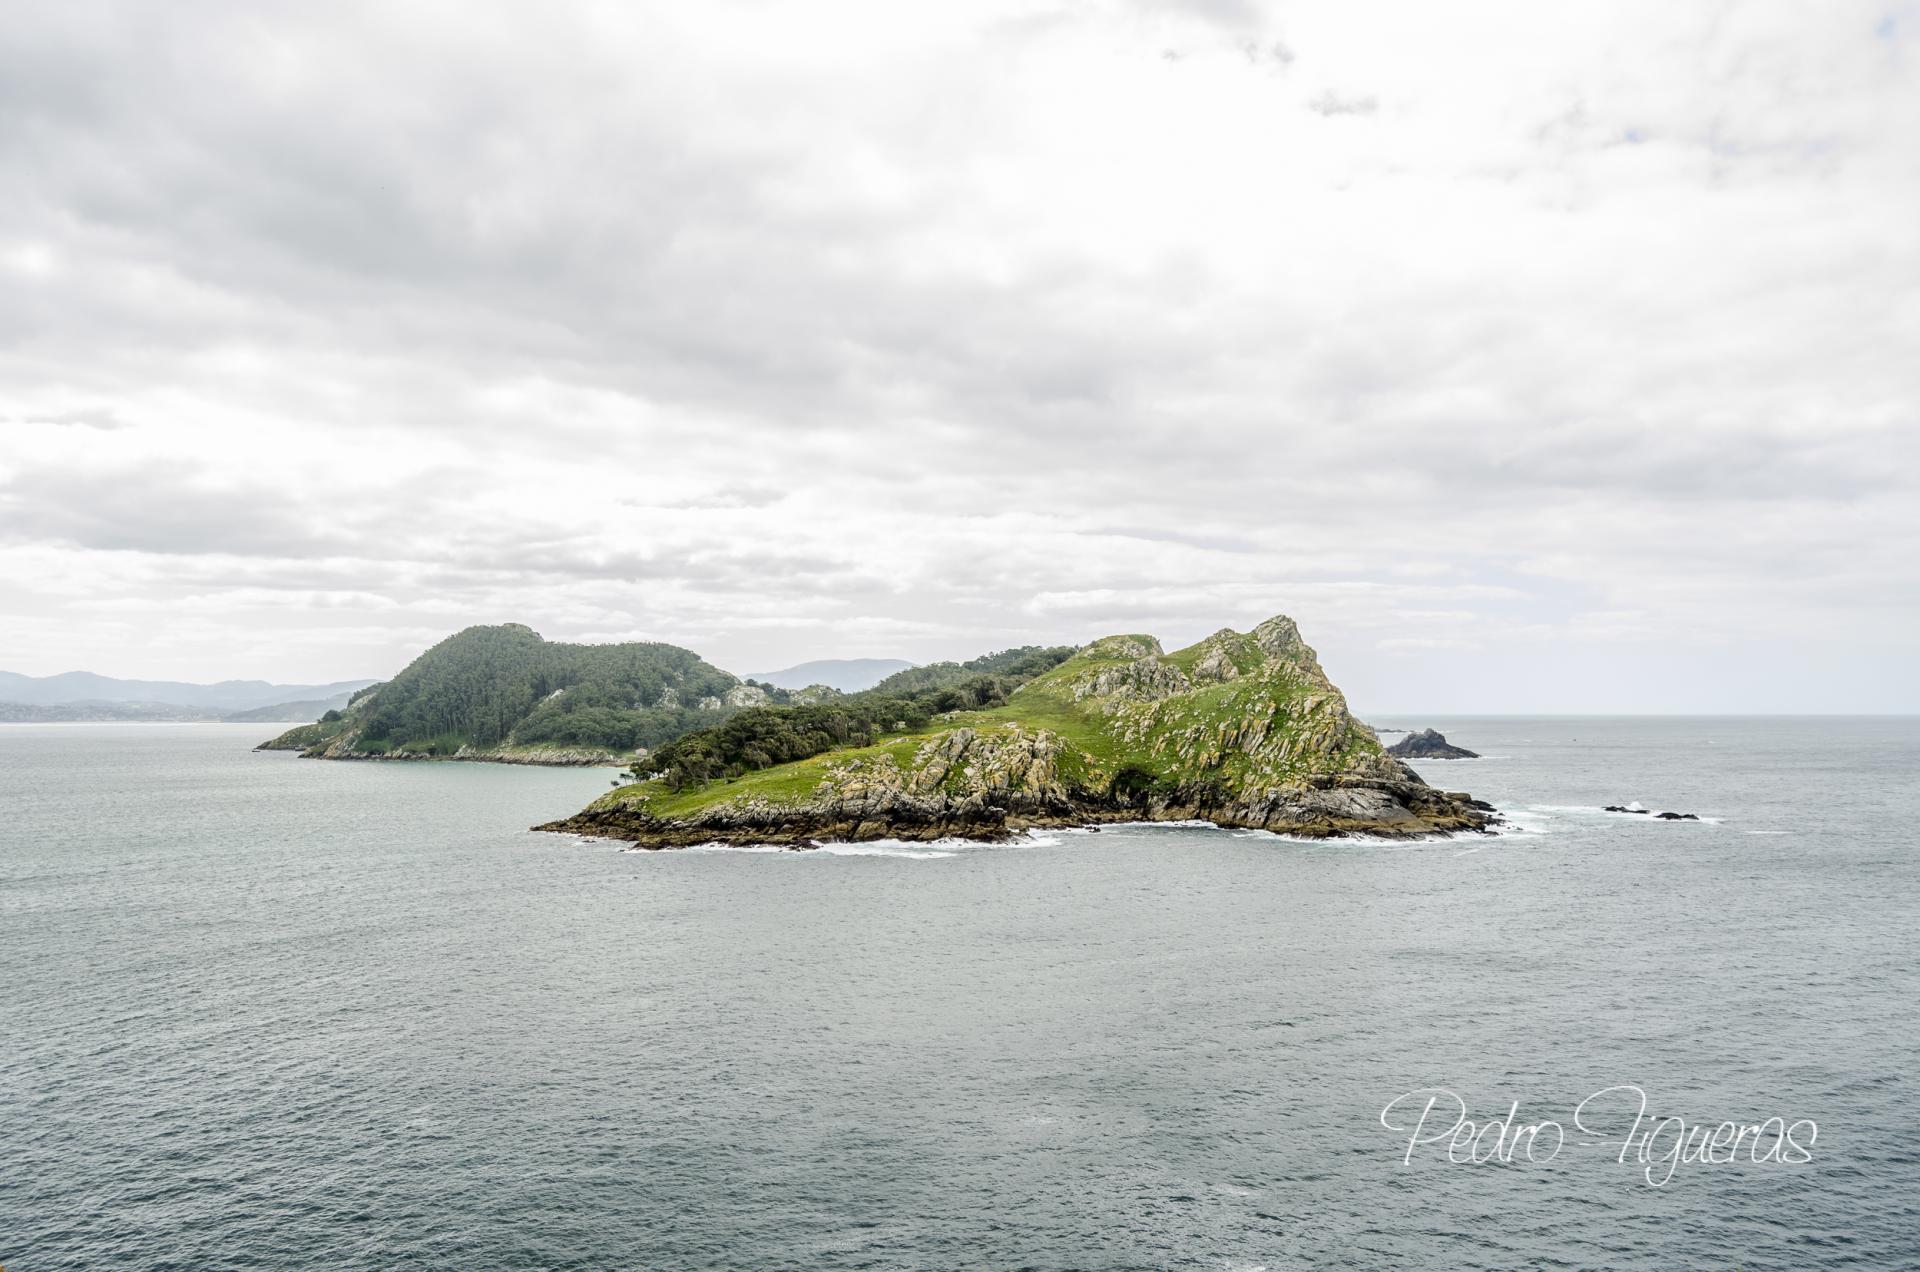 O proxecto LitterDrone estuda novas metodoloxías na loita contra o lixo mariño na costa das Illas Atlánticas